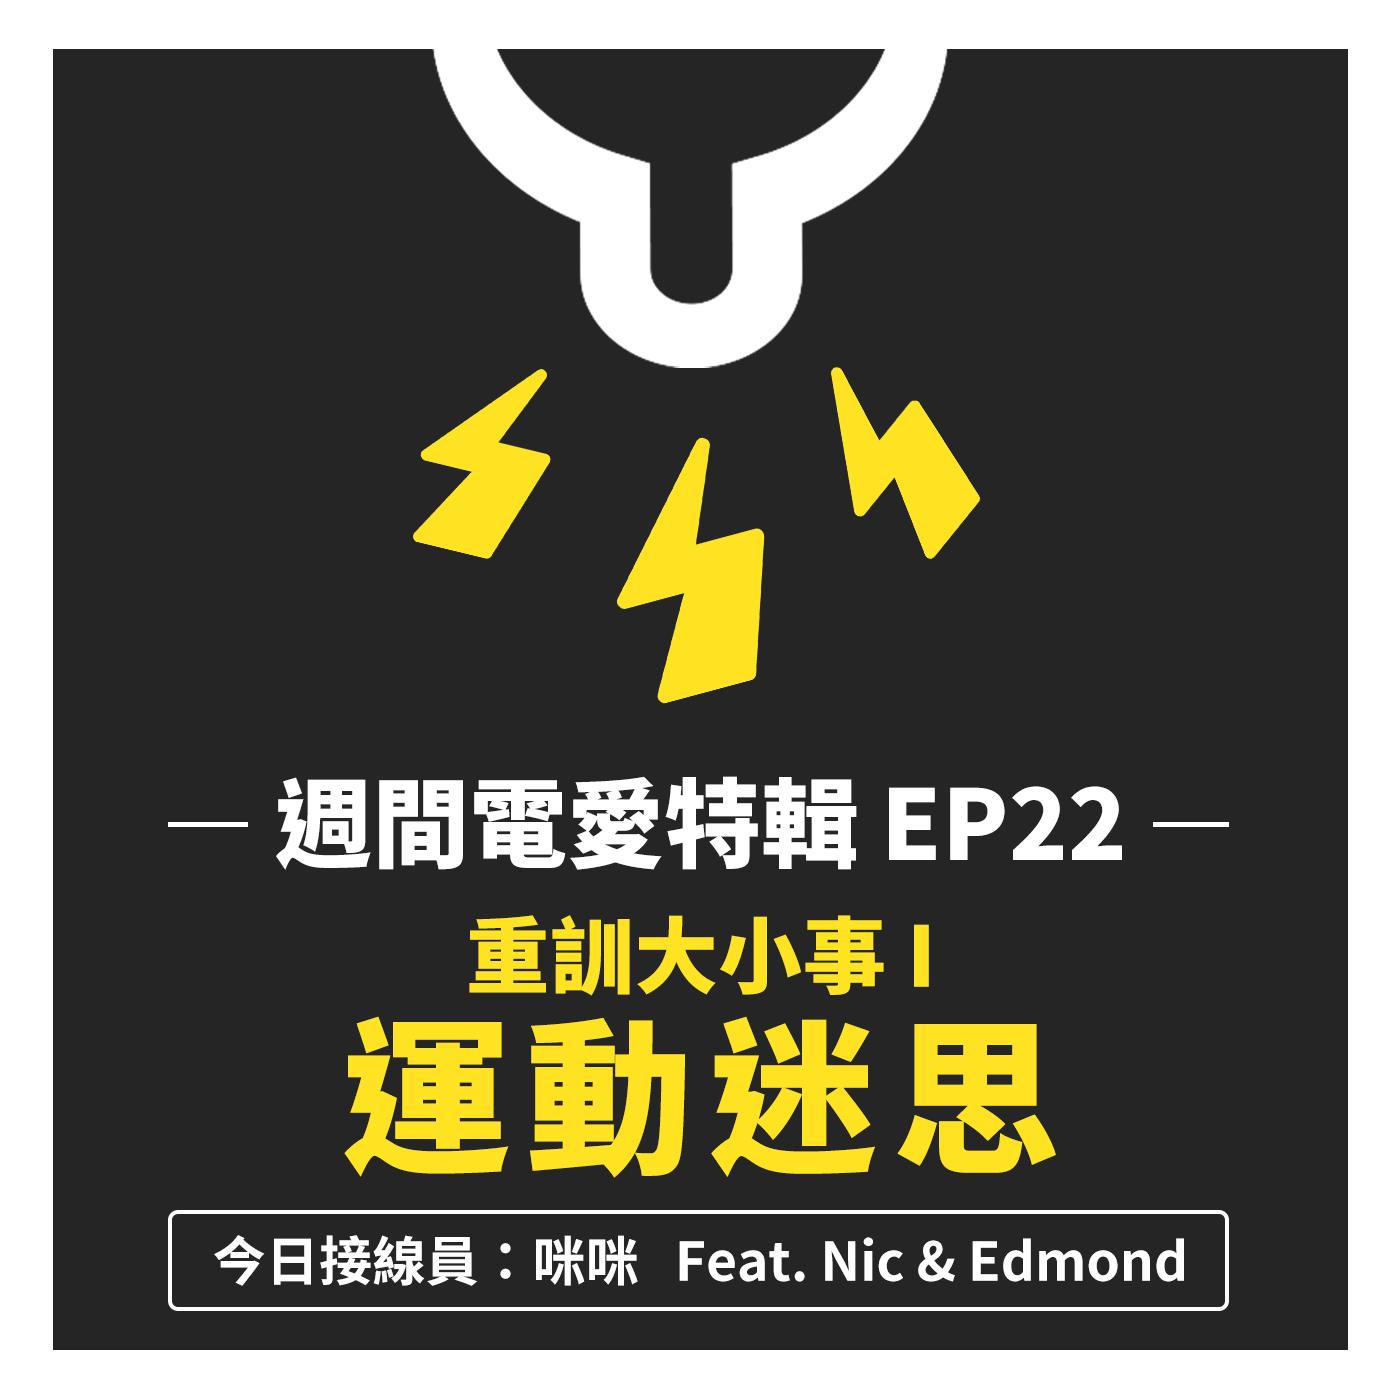 [週間電愛特輯] EP22 重訓大小事 I - 運動迷思 Feat. Nic & Edmond